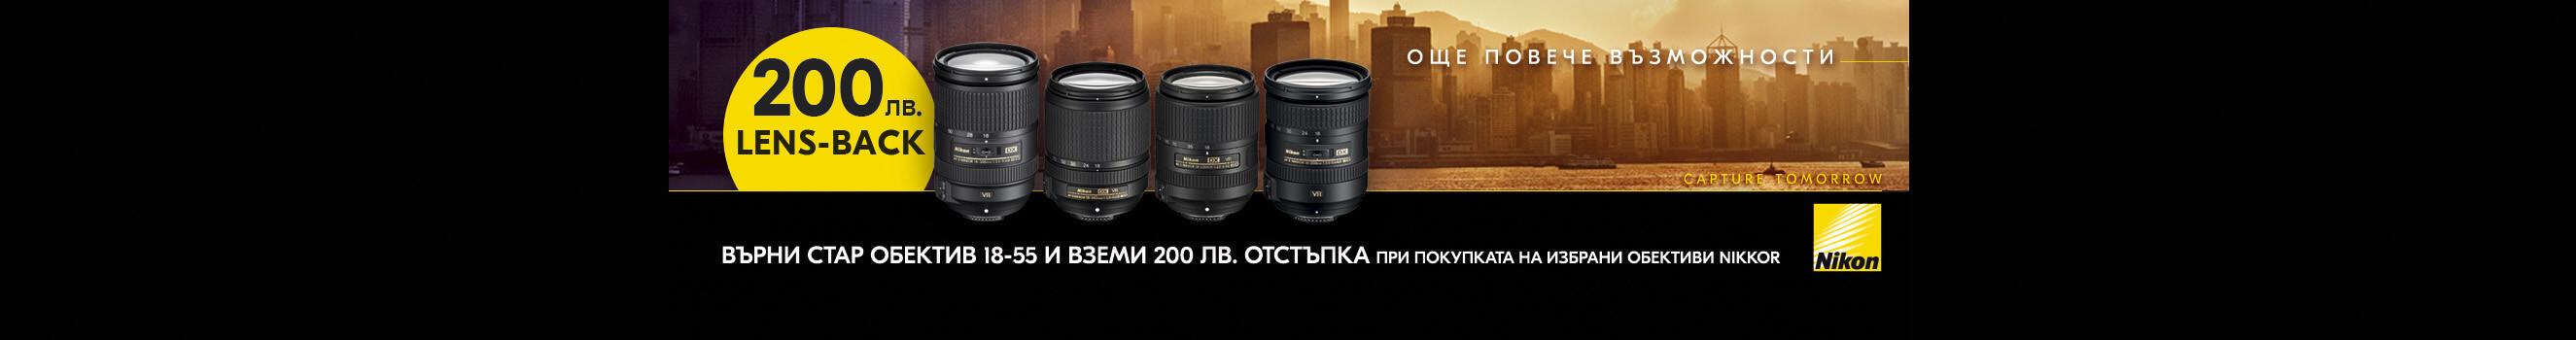 До 200 лв. отстъпка за избрани обективи Nikon при връщане на стар Nikon 18-55